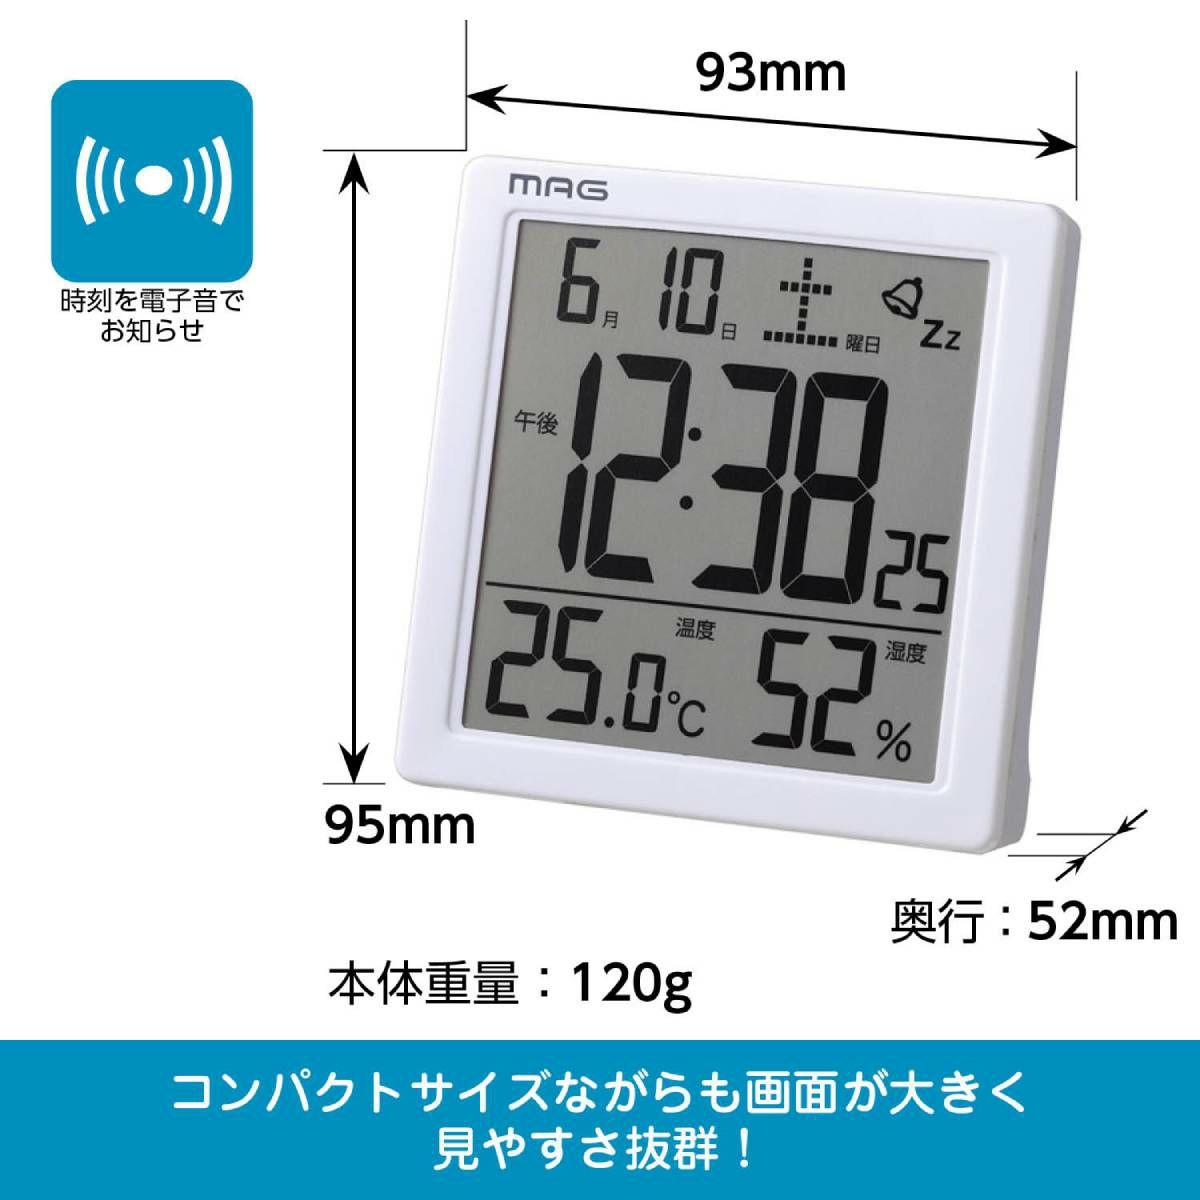 MAG(マグ) 目覚まし時計 カッシーニ T-726